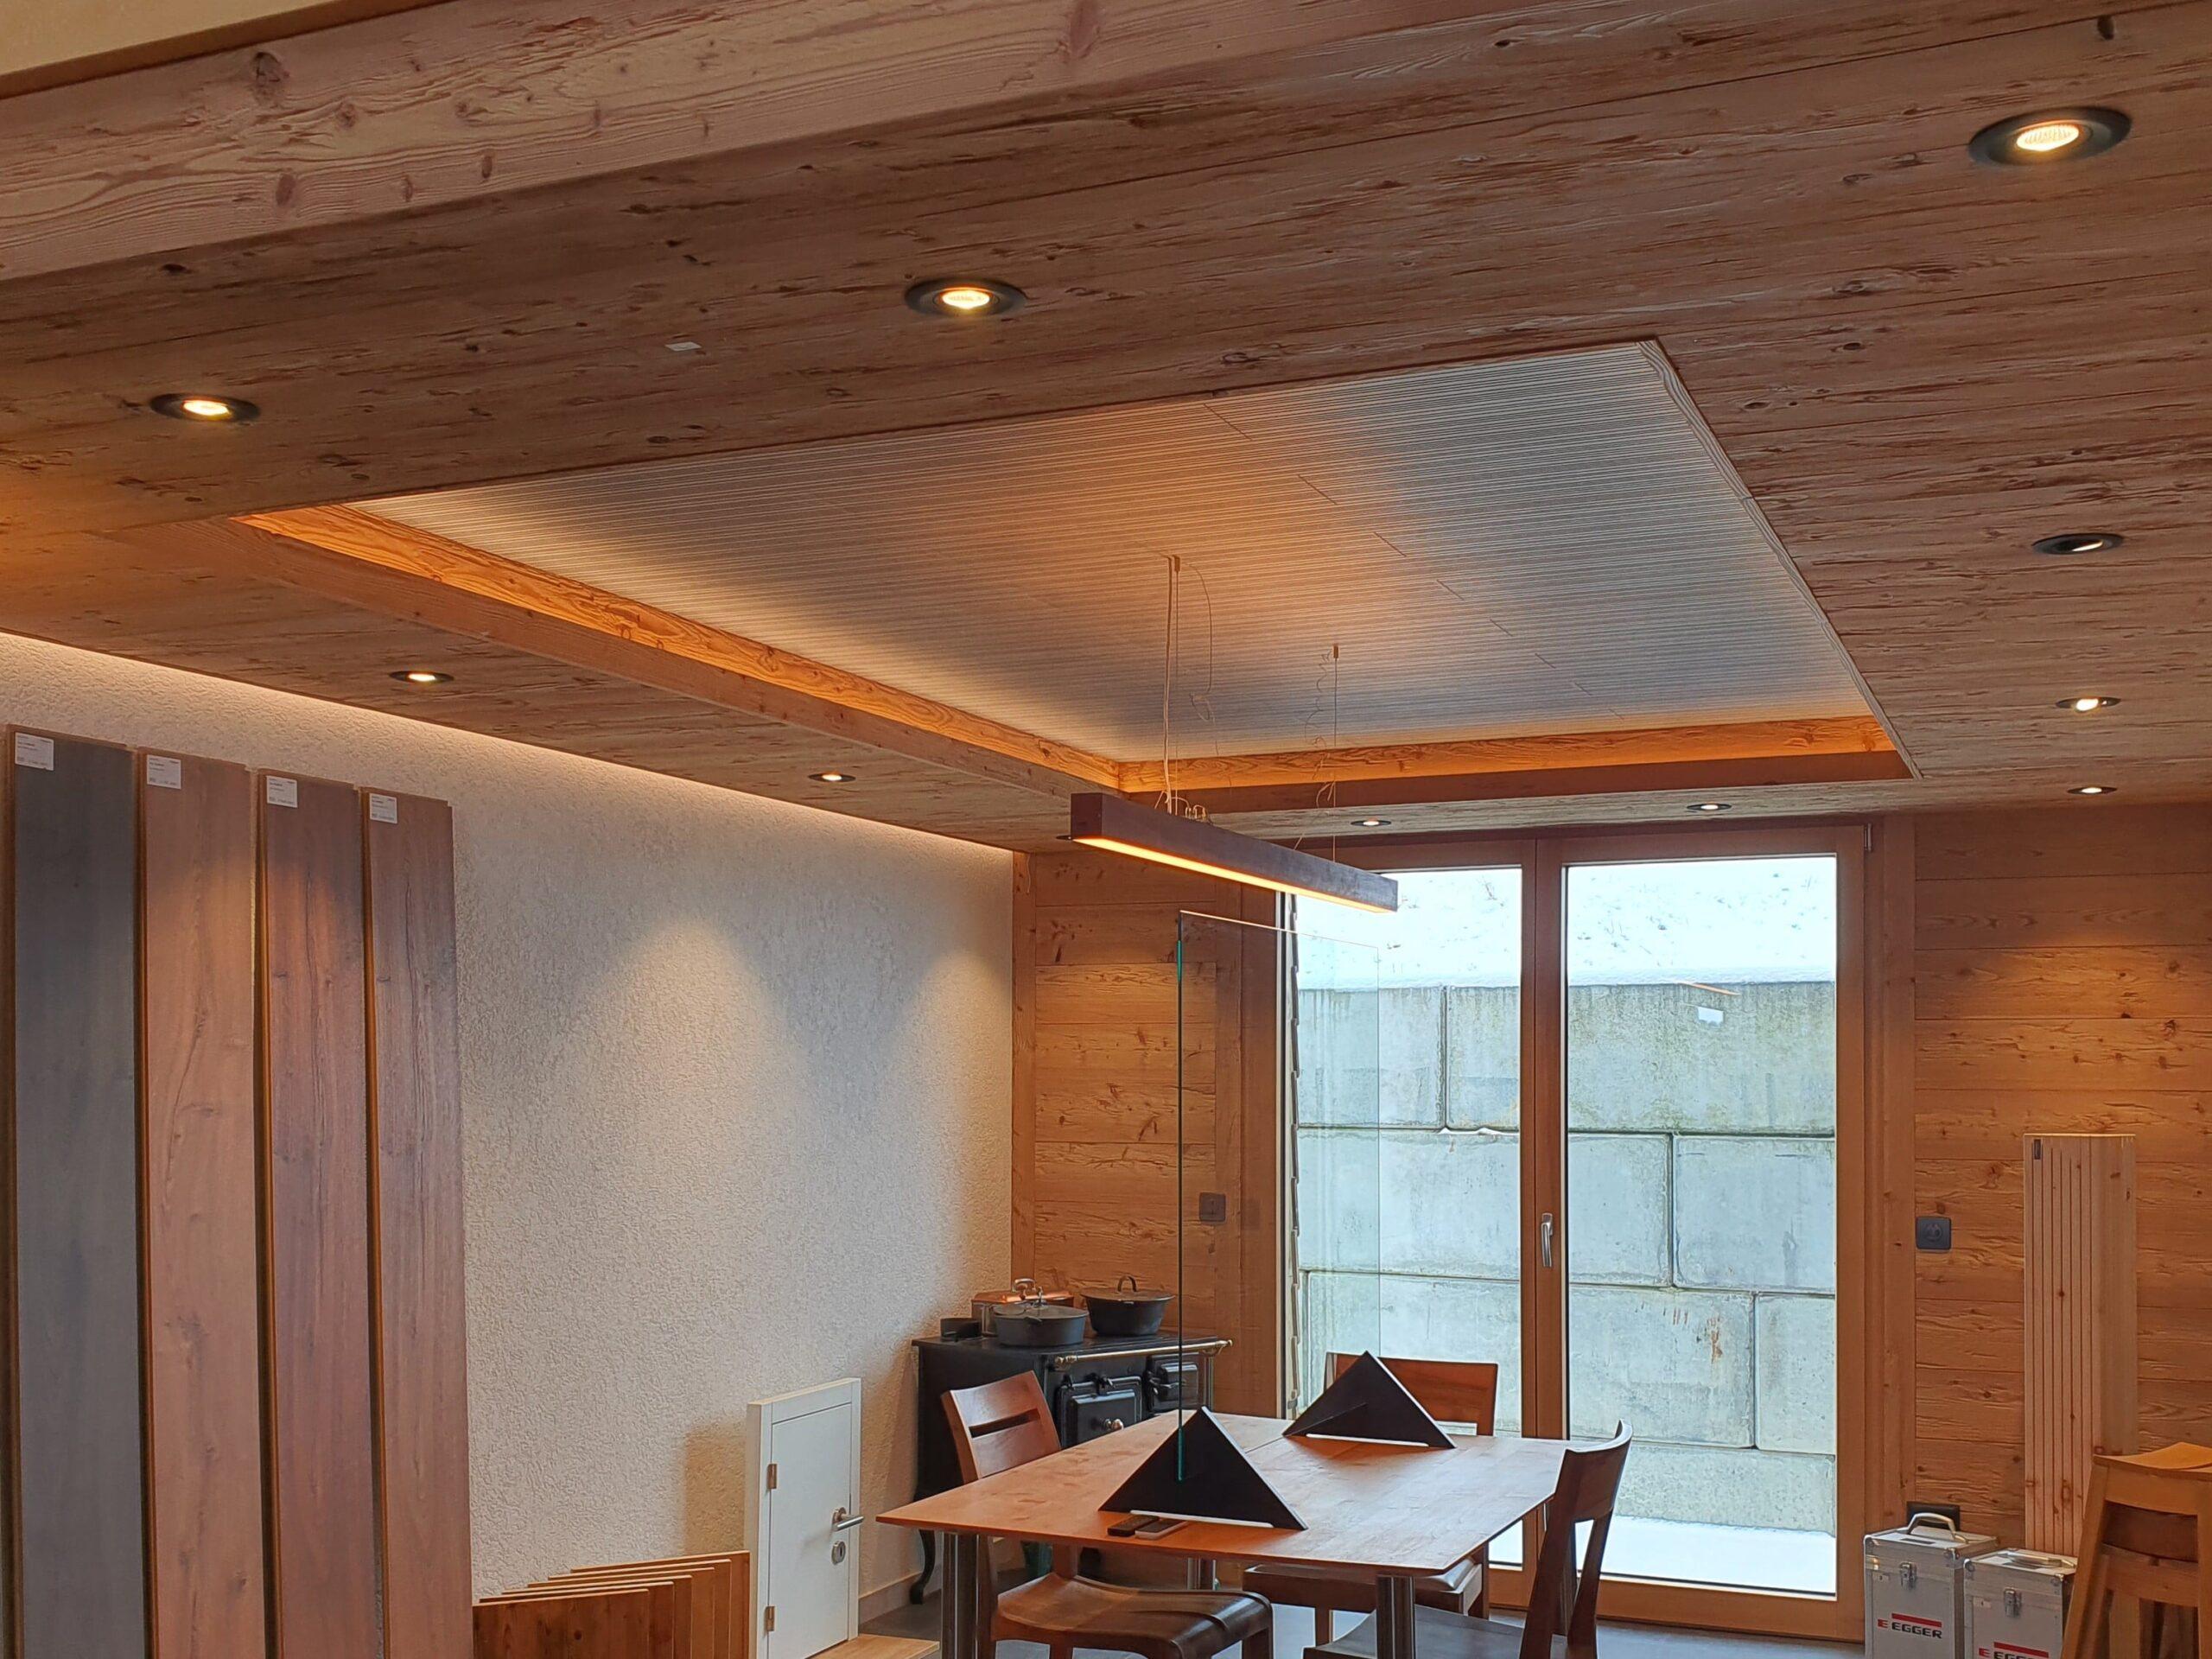 Wooddesign_Holzleuchten_LED-Beleuchtung_Licht_Indirekte Beleuchtung_Direkte Beleuchtung_Holzdesign (33)-min